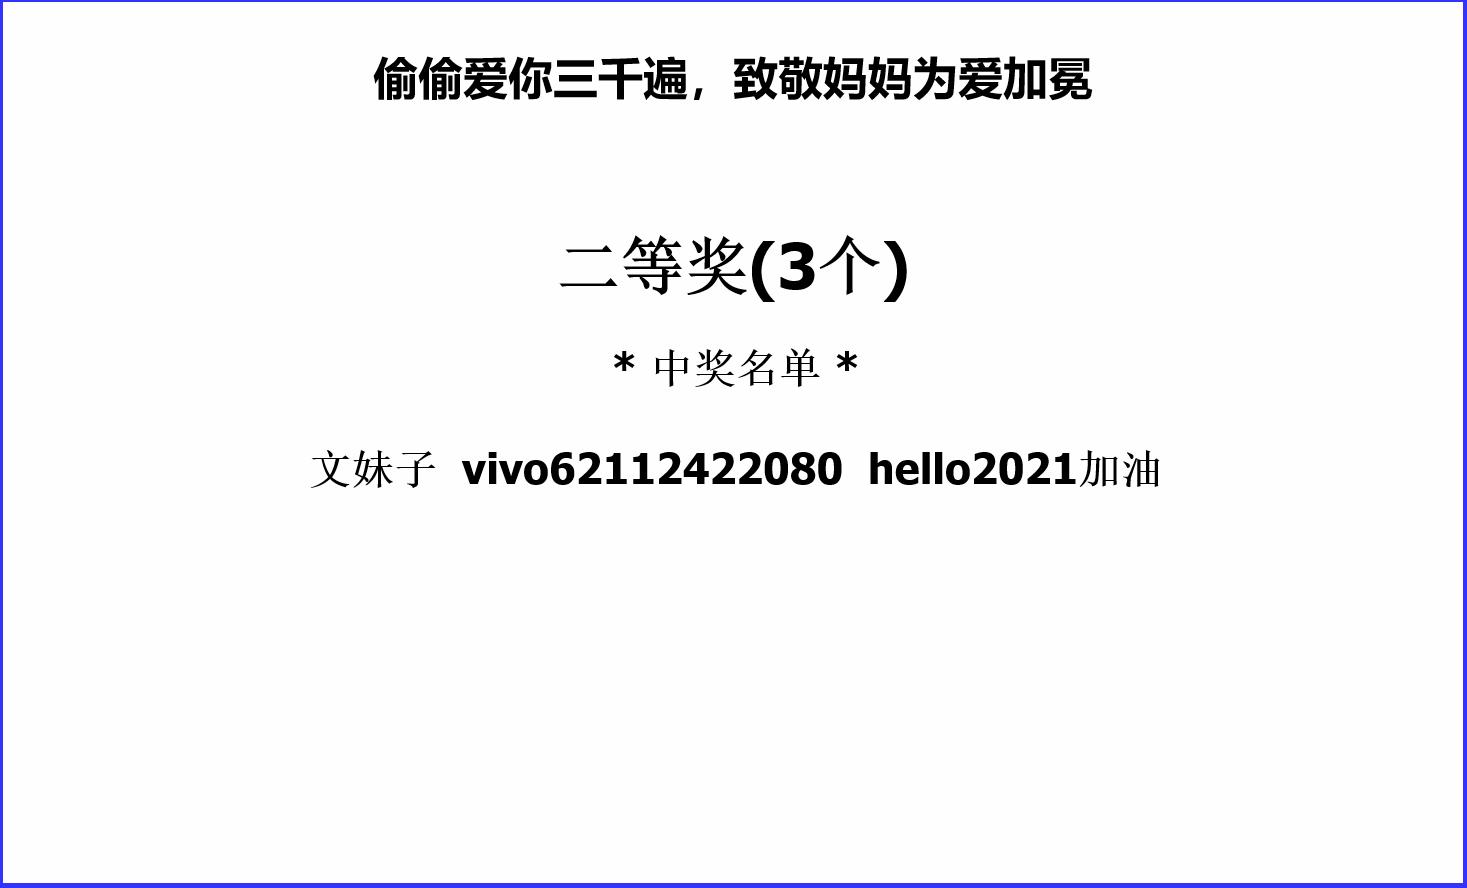 37915cf61471558496a1d77f19b0b4e.png